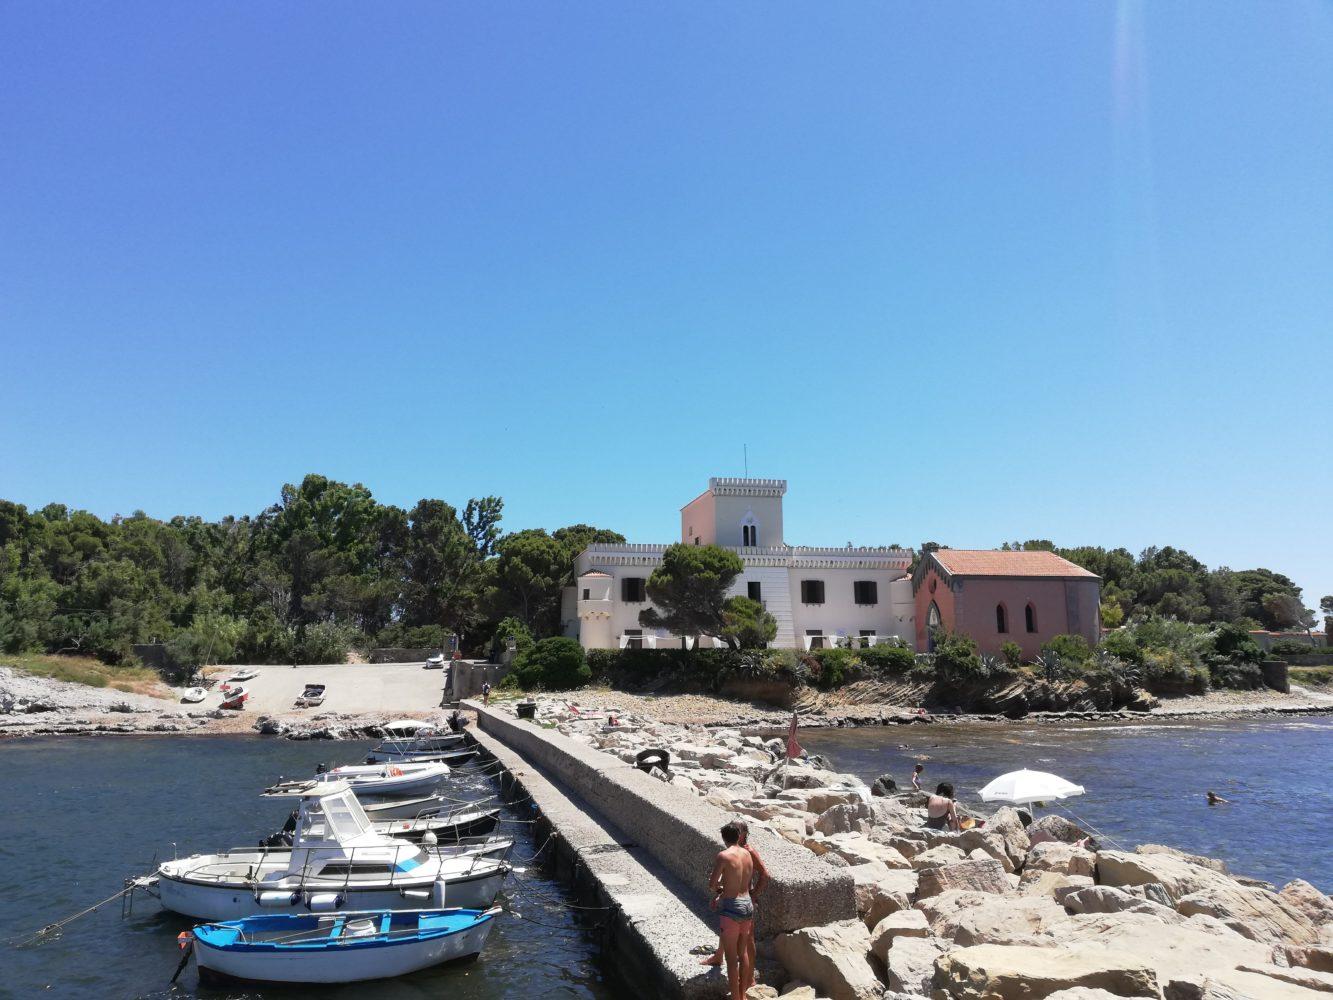 il porto di punta licosa il sentiero di punta licosa da san marco di castellabate verso l'isola della sirena leucosia, il cilentano cilento.jpg